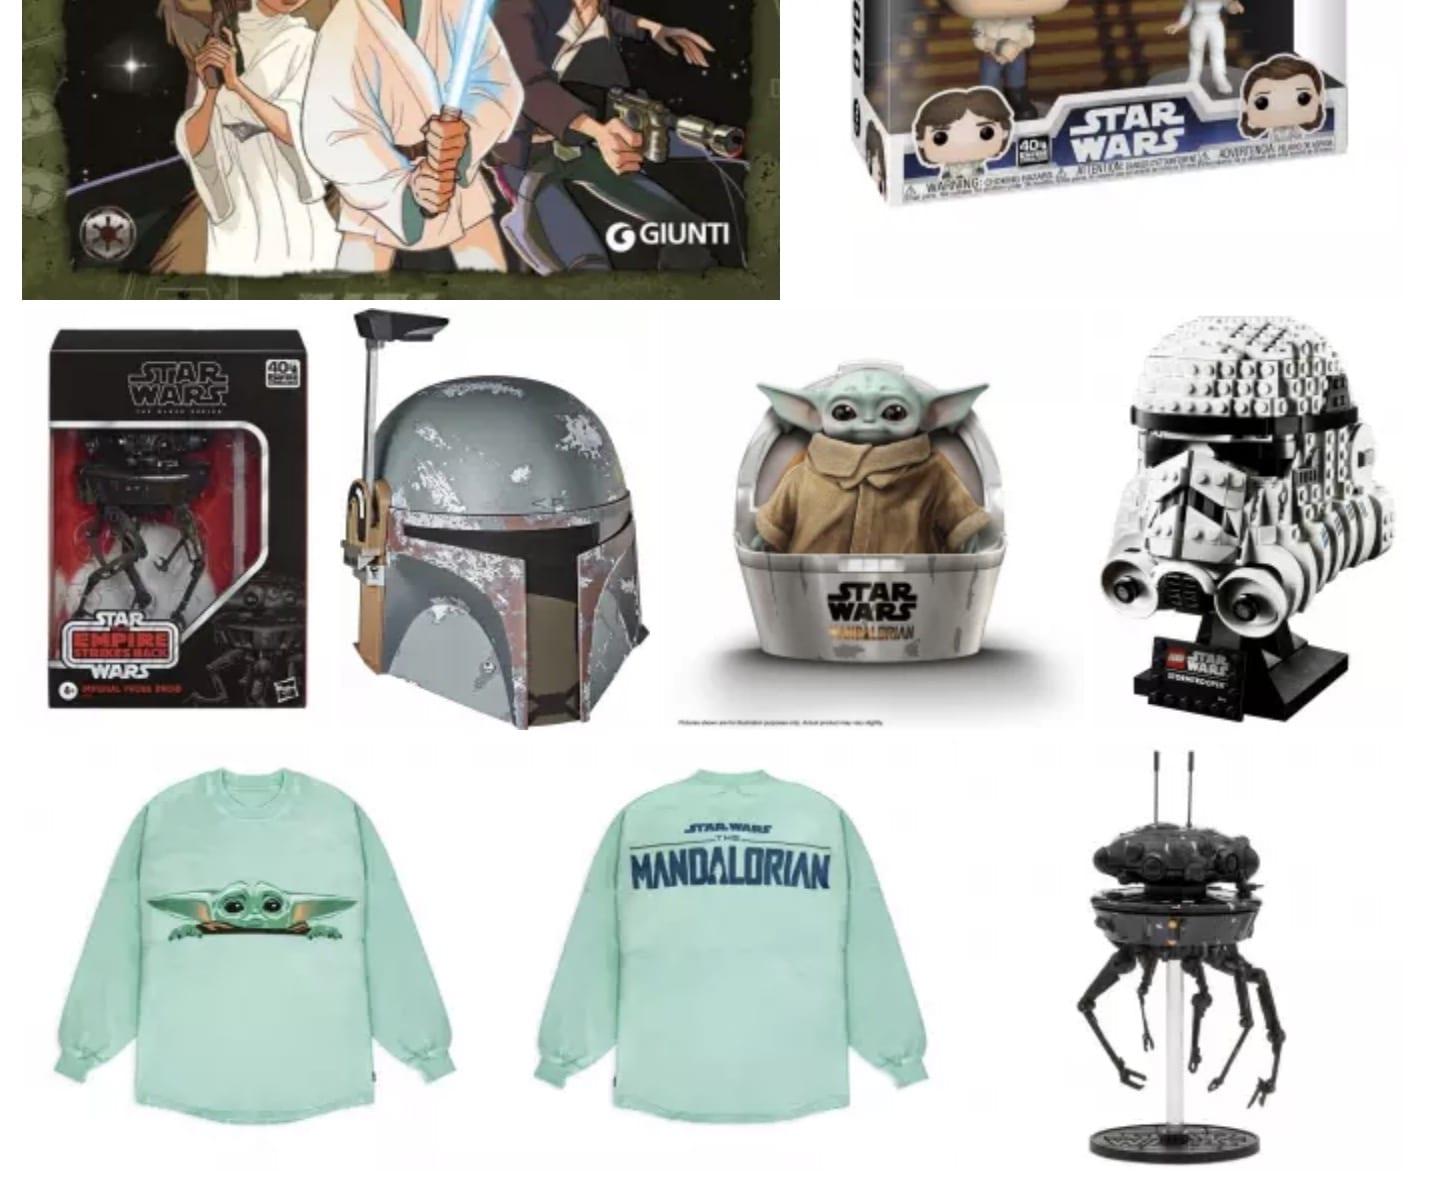 Star Wars Day: Ecco tutti i gadget e giocattoli in uscita